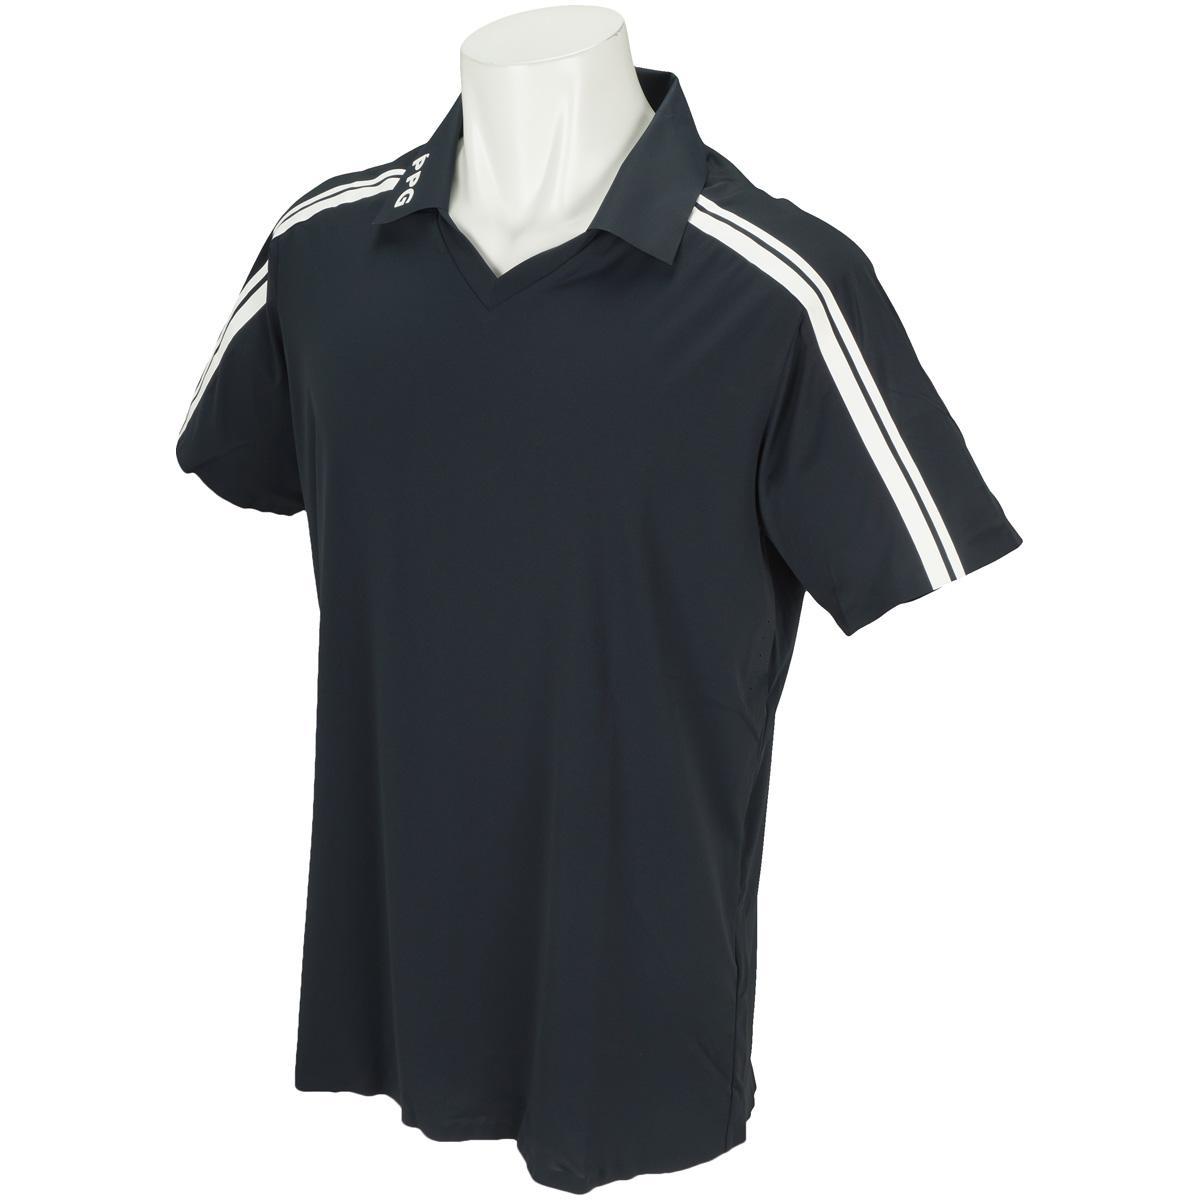 パーリーゲイツ PEARLY GATES MSY超軽量 半袖シャツ メンズ ゴルフウェア